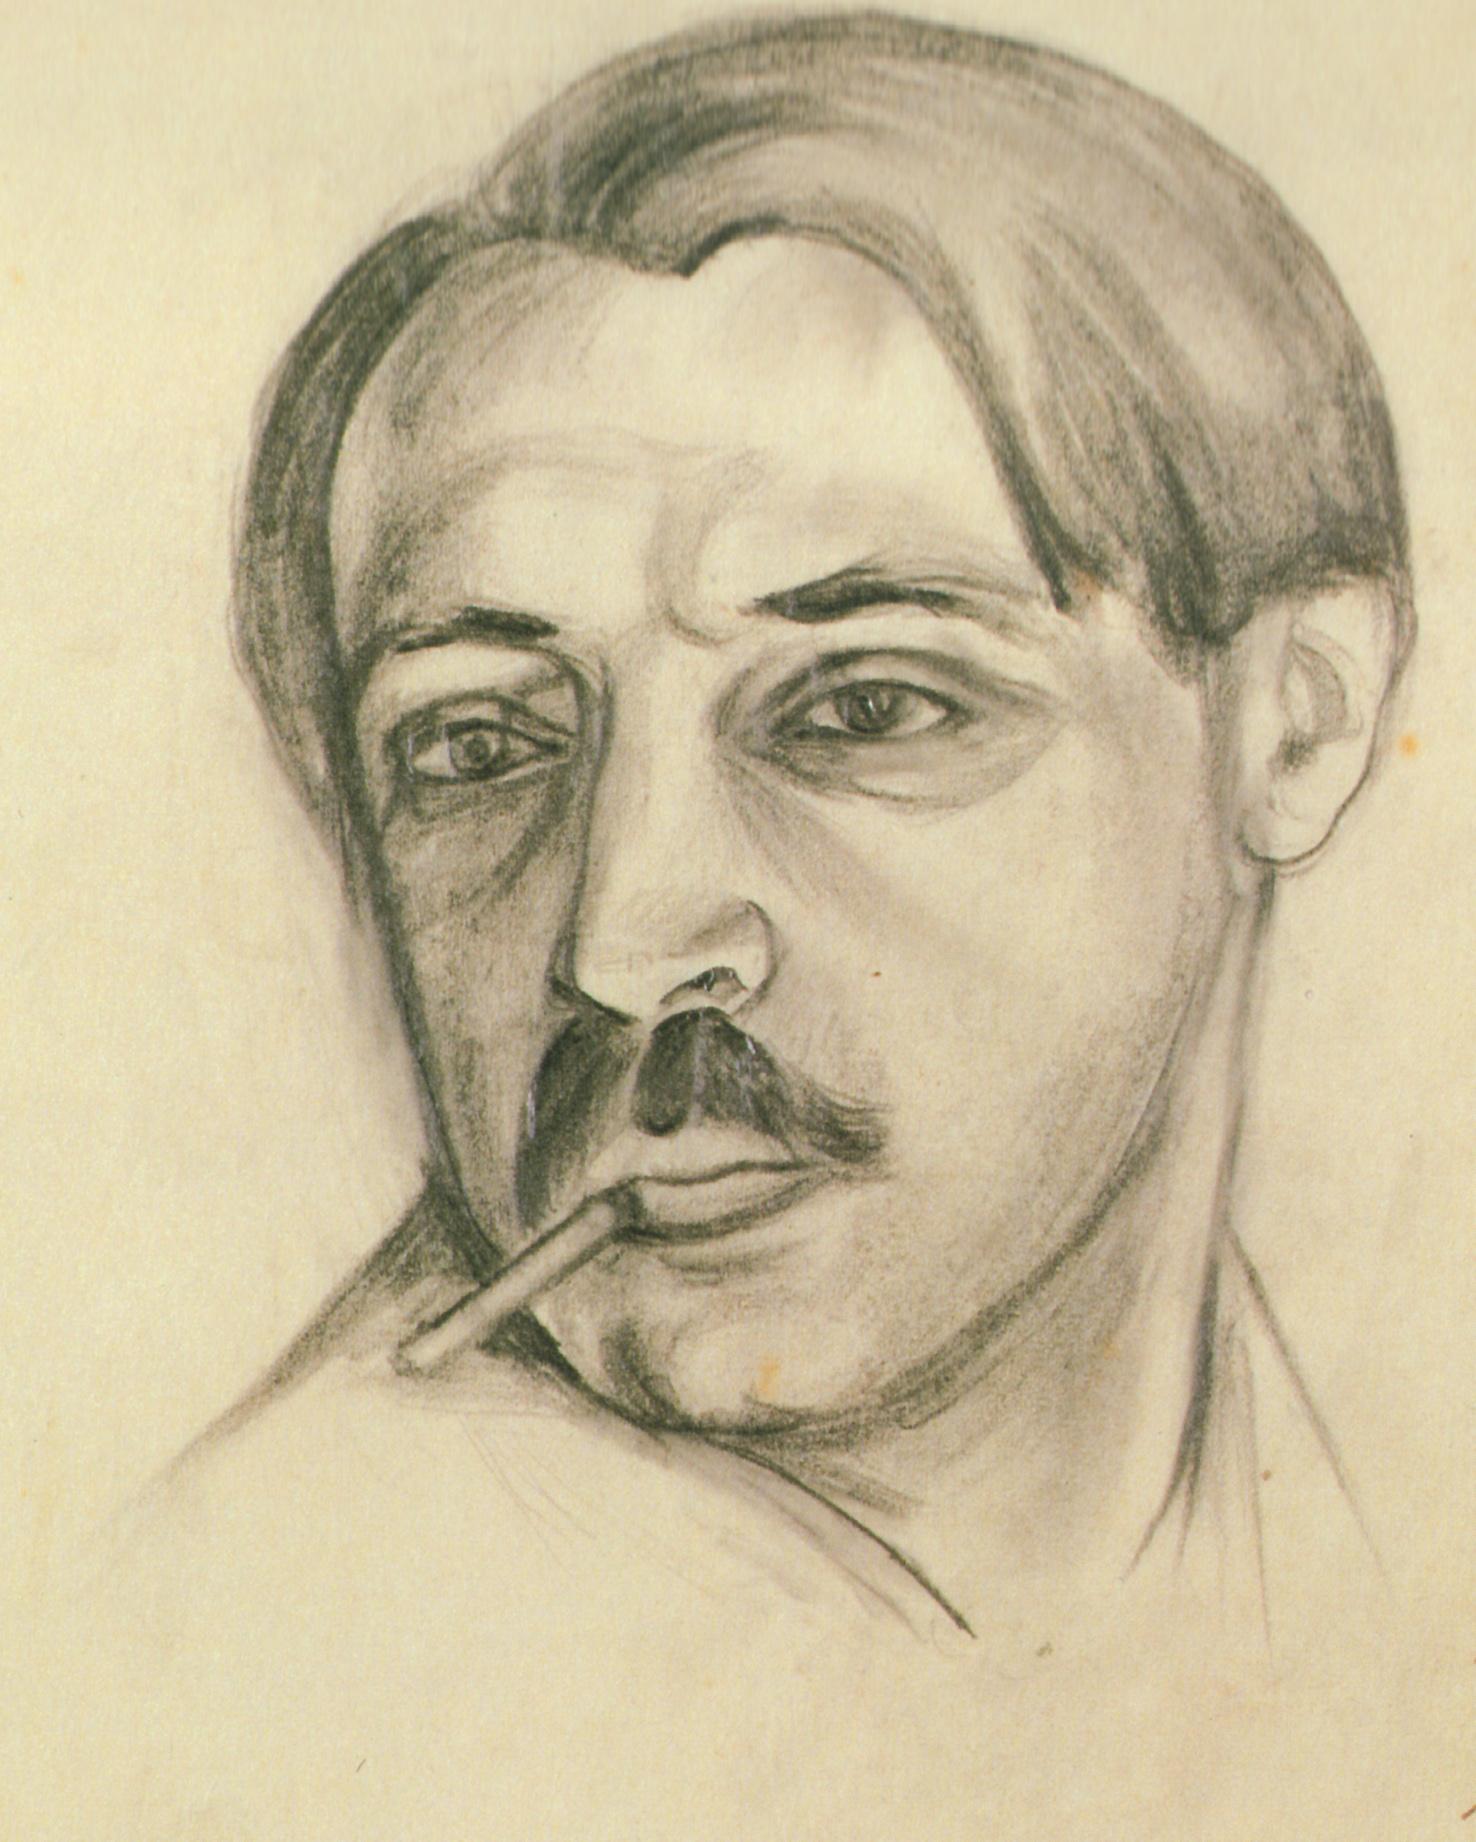 Автопортрет из альбома В. Судейкиной. Рисунок.